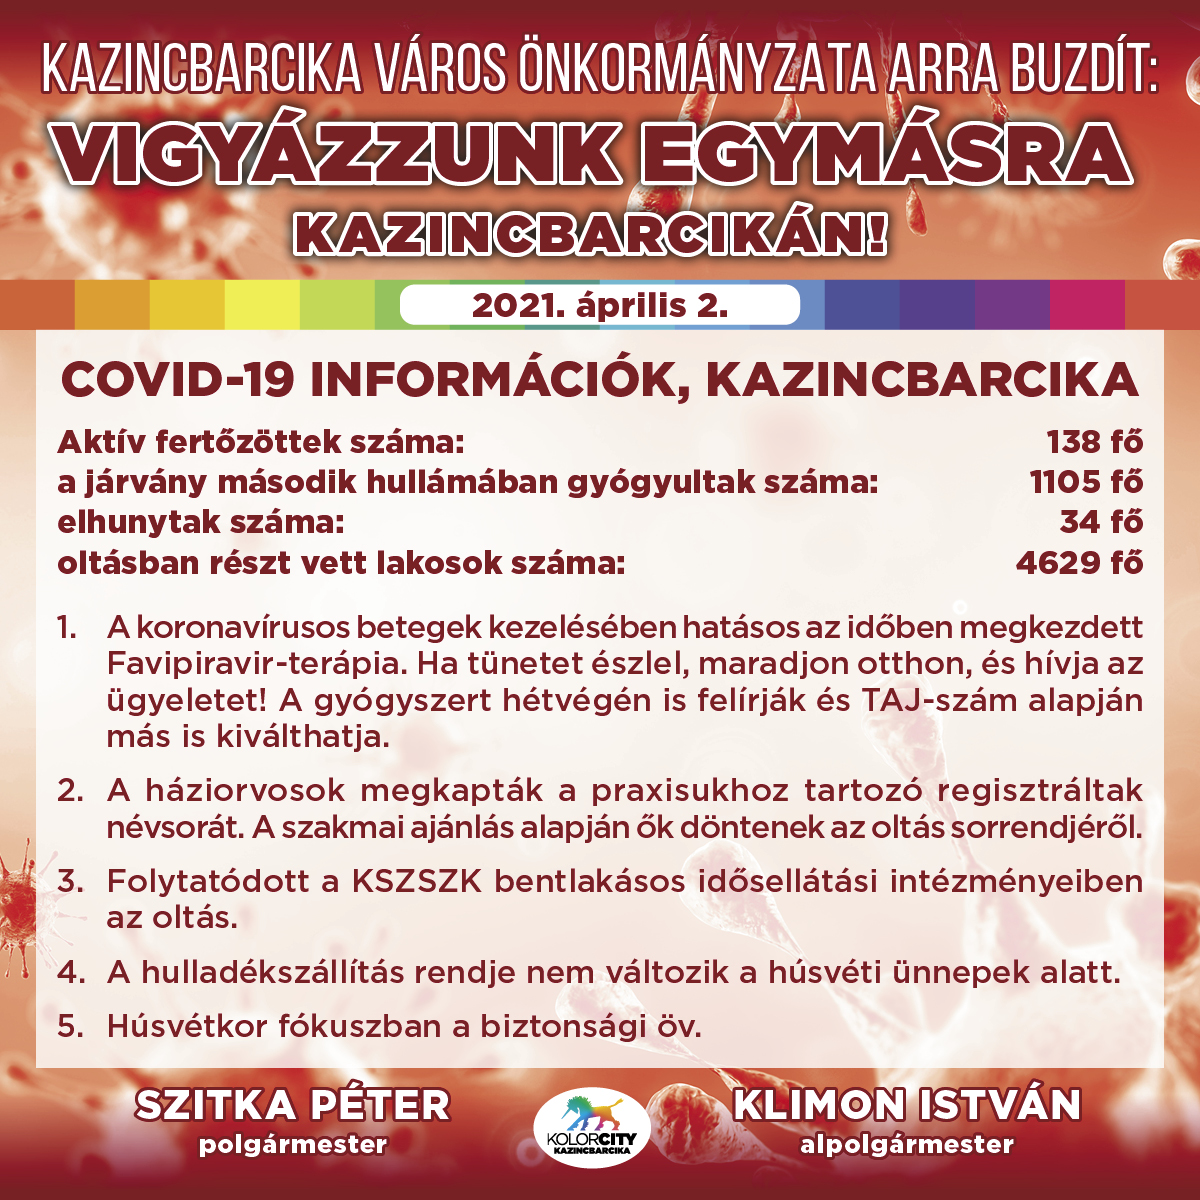 https://kolorline.hu/Vigyázzunk egymásra Kazincbarcikán! – 2021. április 2.